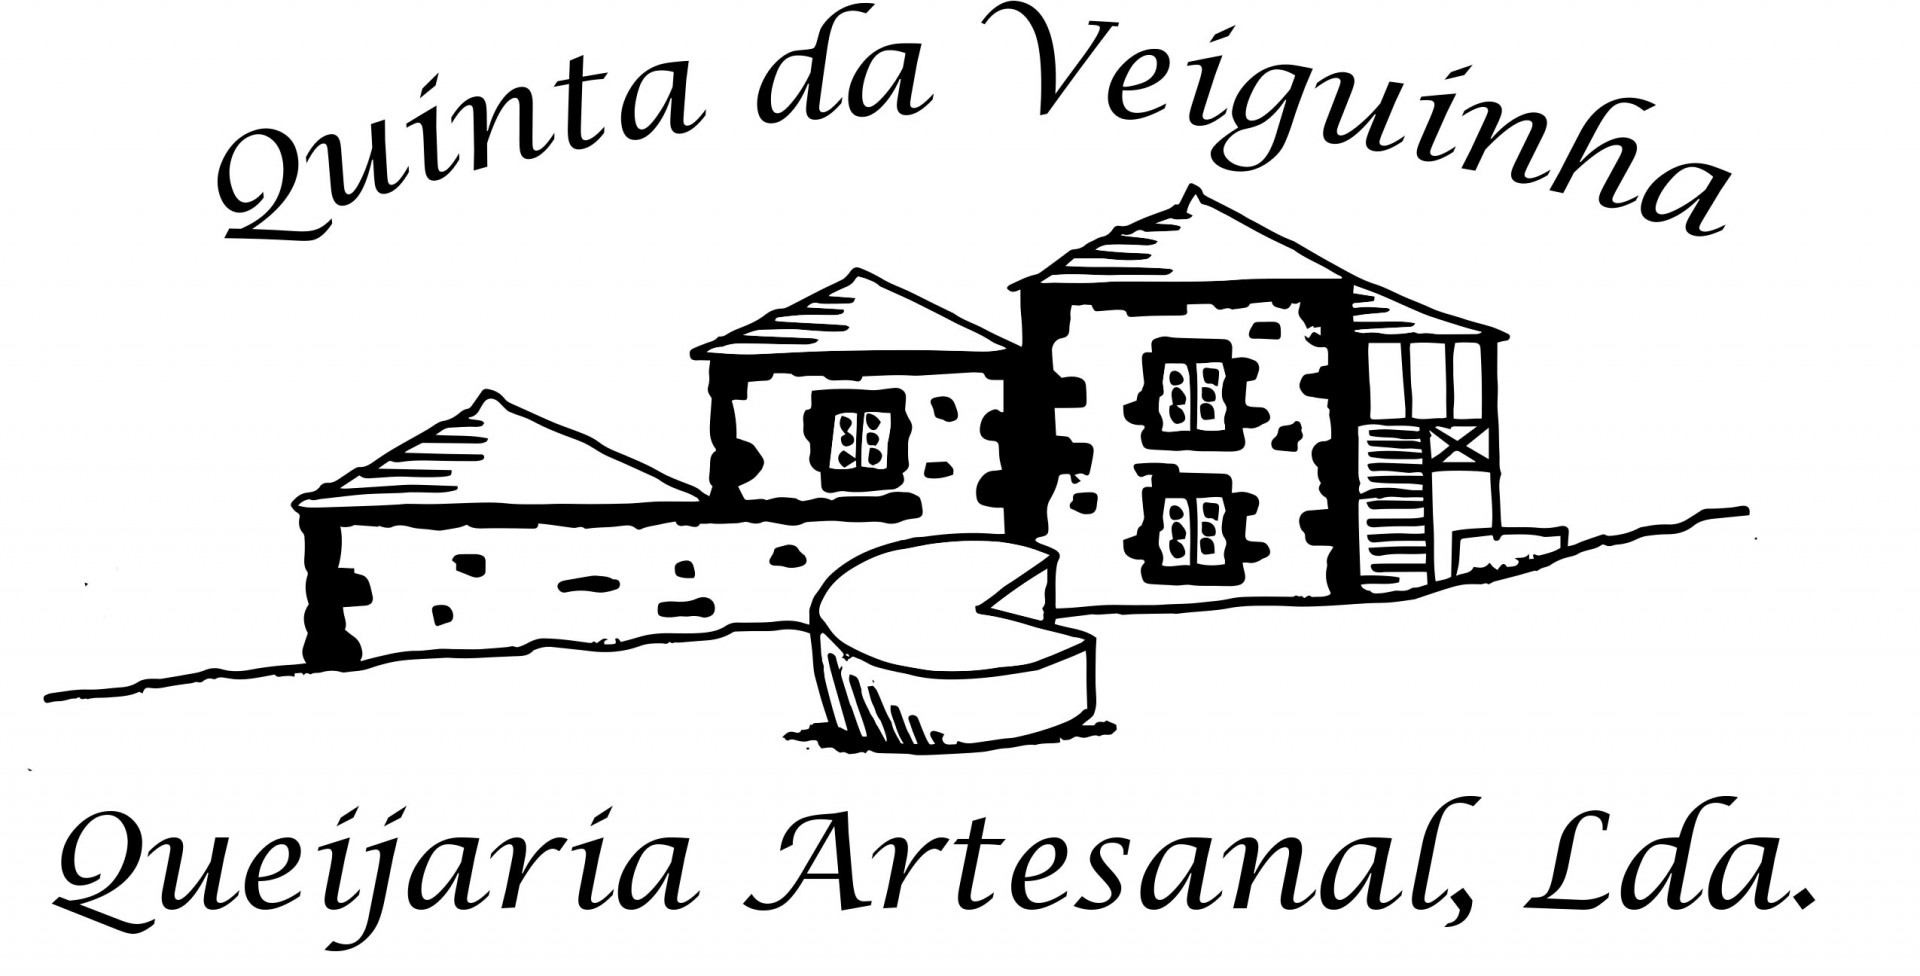 QUINTA DA VEIGUINHA, LDA